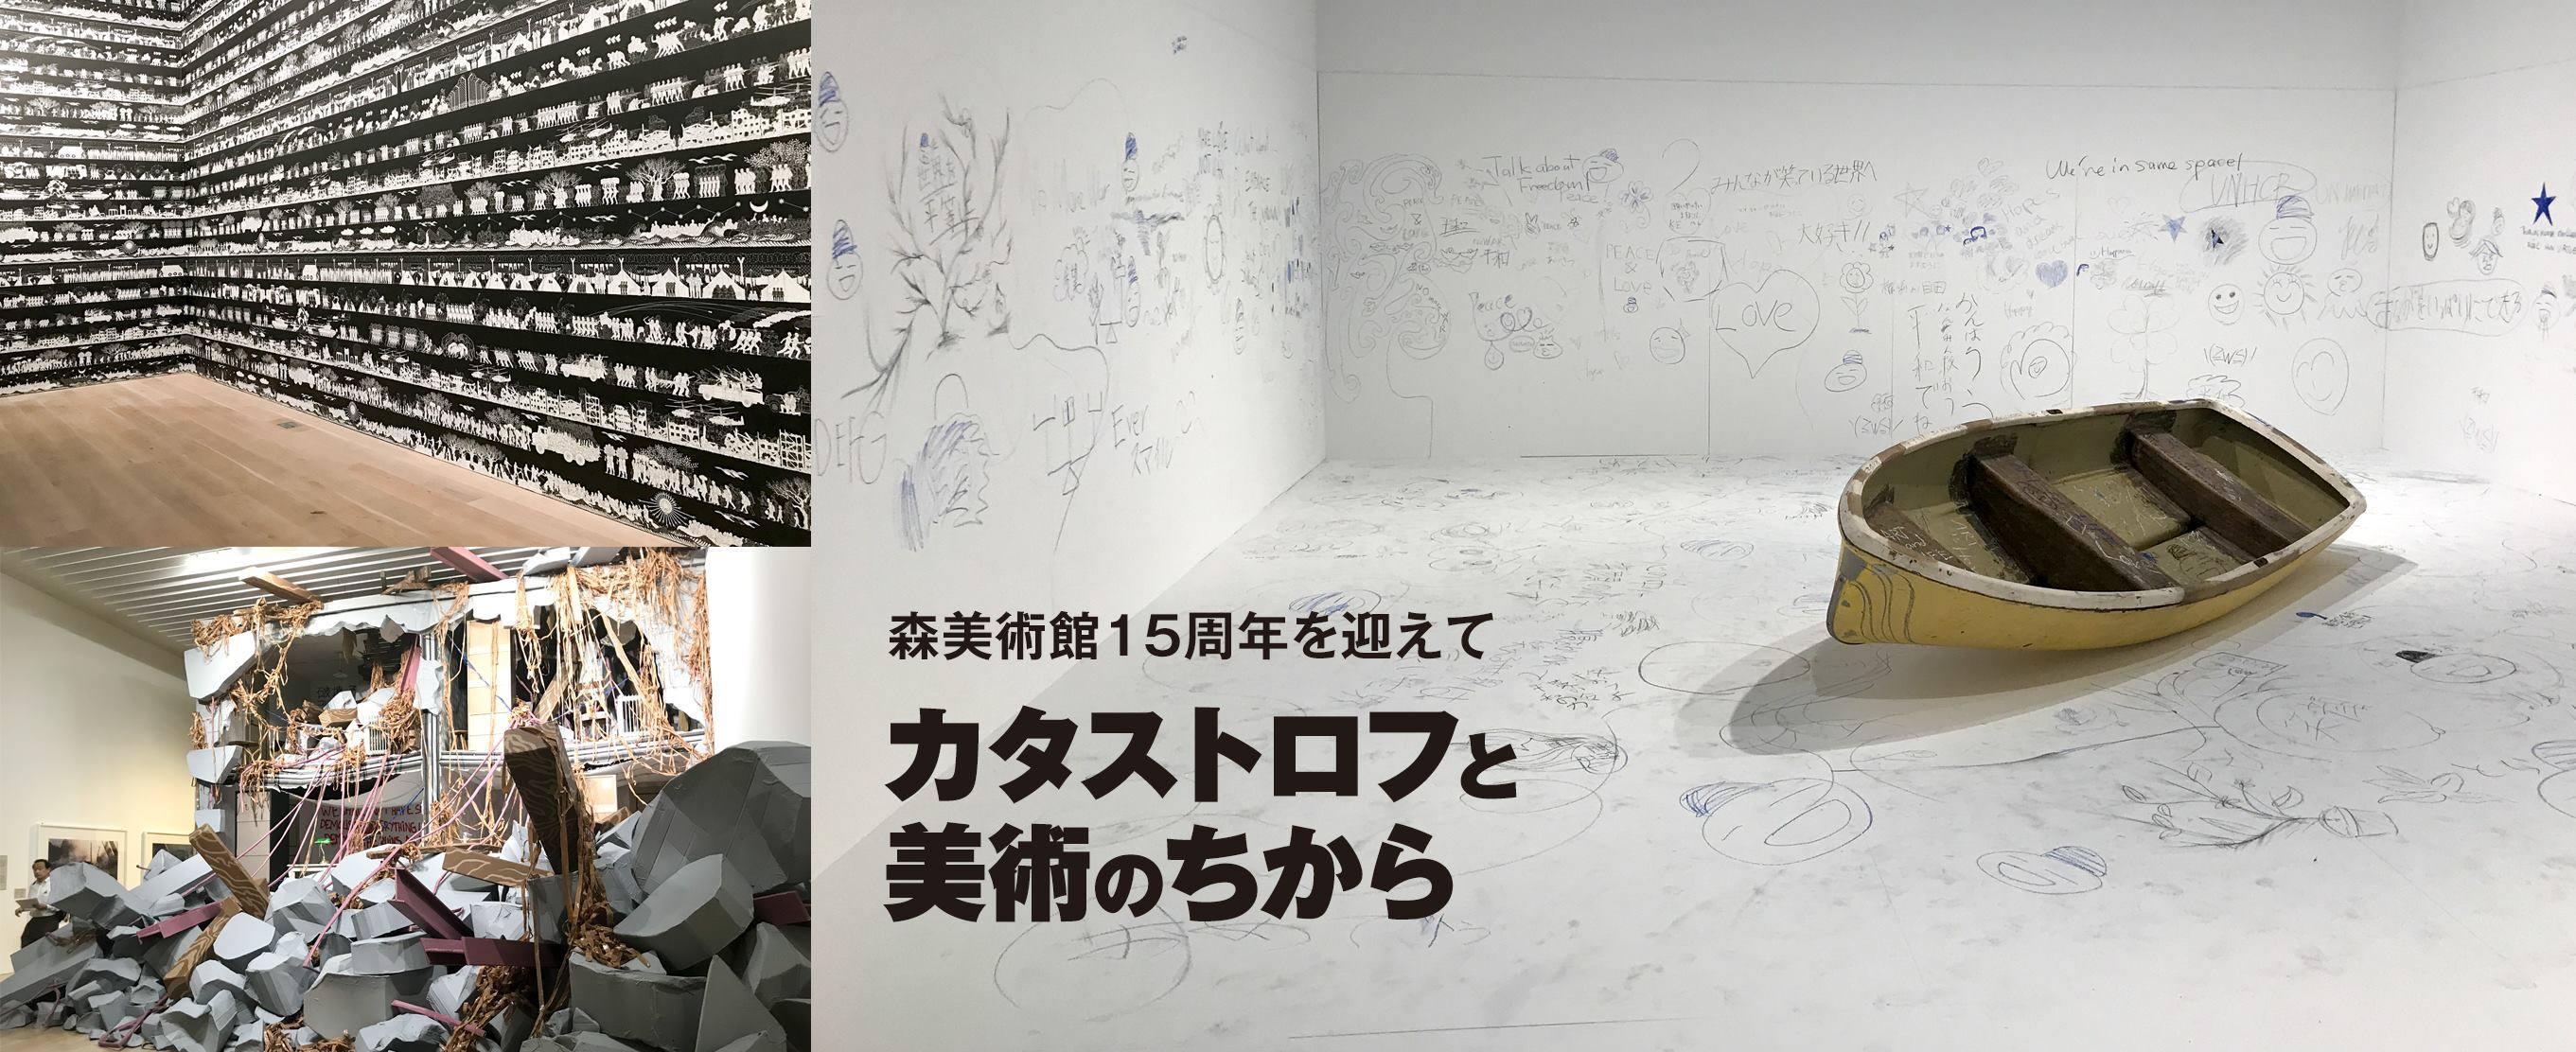 森美術館15周年を迎えて「カタストロフと美術のちから展」